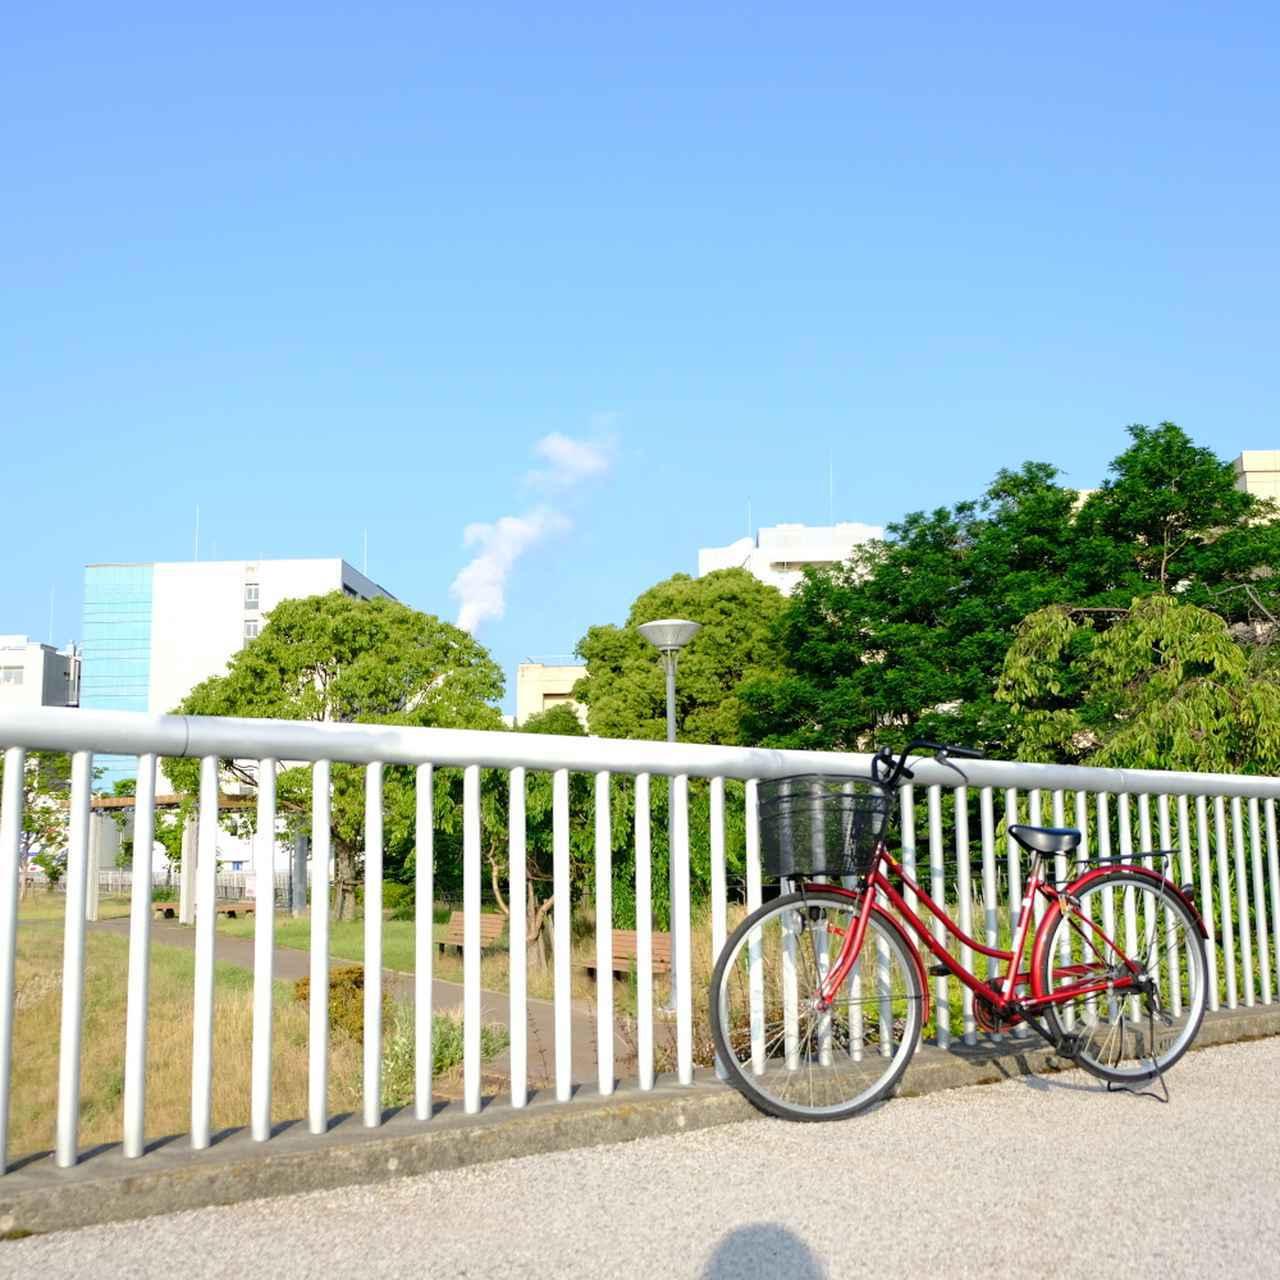 画像: 市内に点在する彫刻を自転車で美術鑑賞してみました。固まって展示されていたり、幹線道路沿いにあったりするのでわかりやすく、徒歩で見て回ることも可能です。